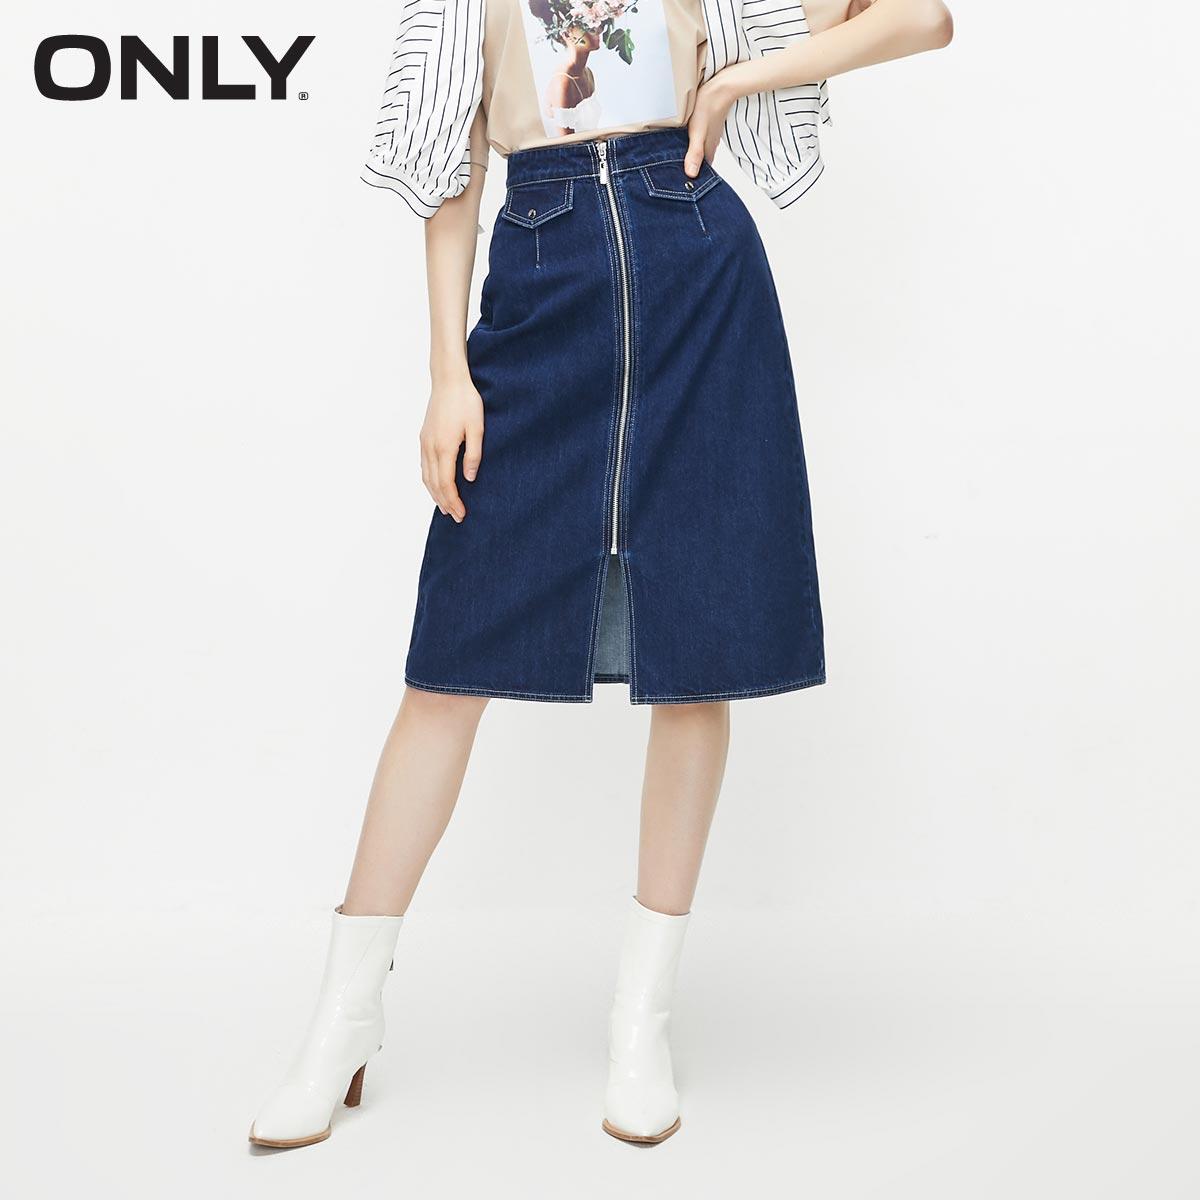 ONLY2020秋季新款a字高腰遮胯显瘦牛仔裙半身裙女|120137534